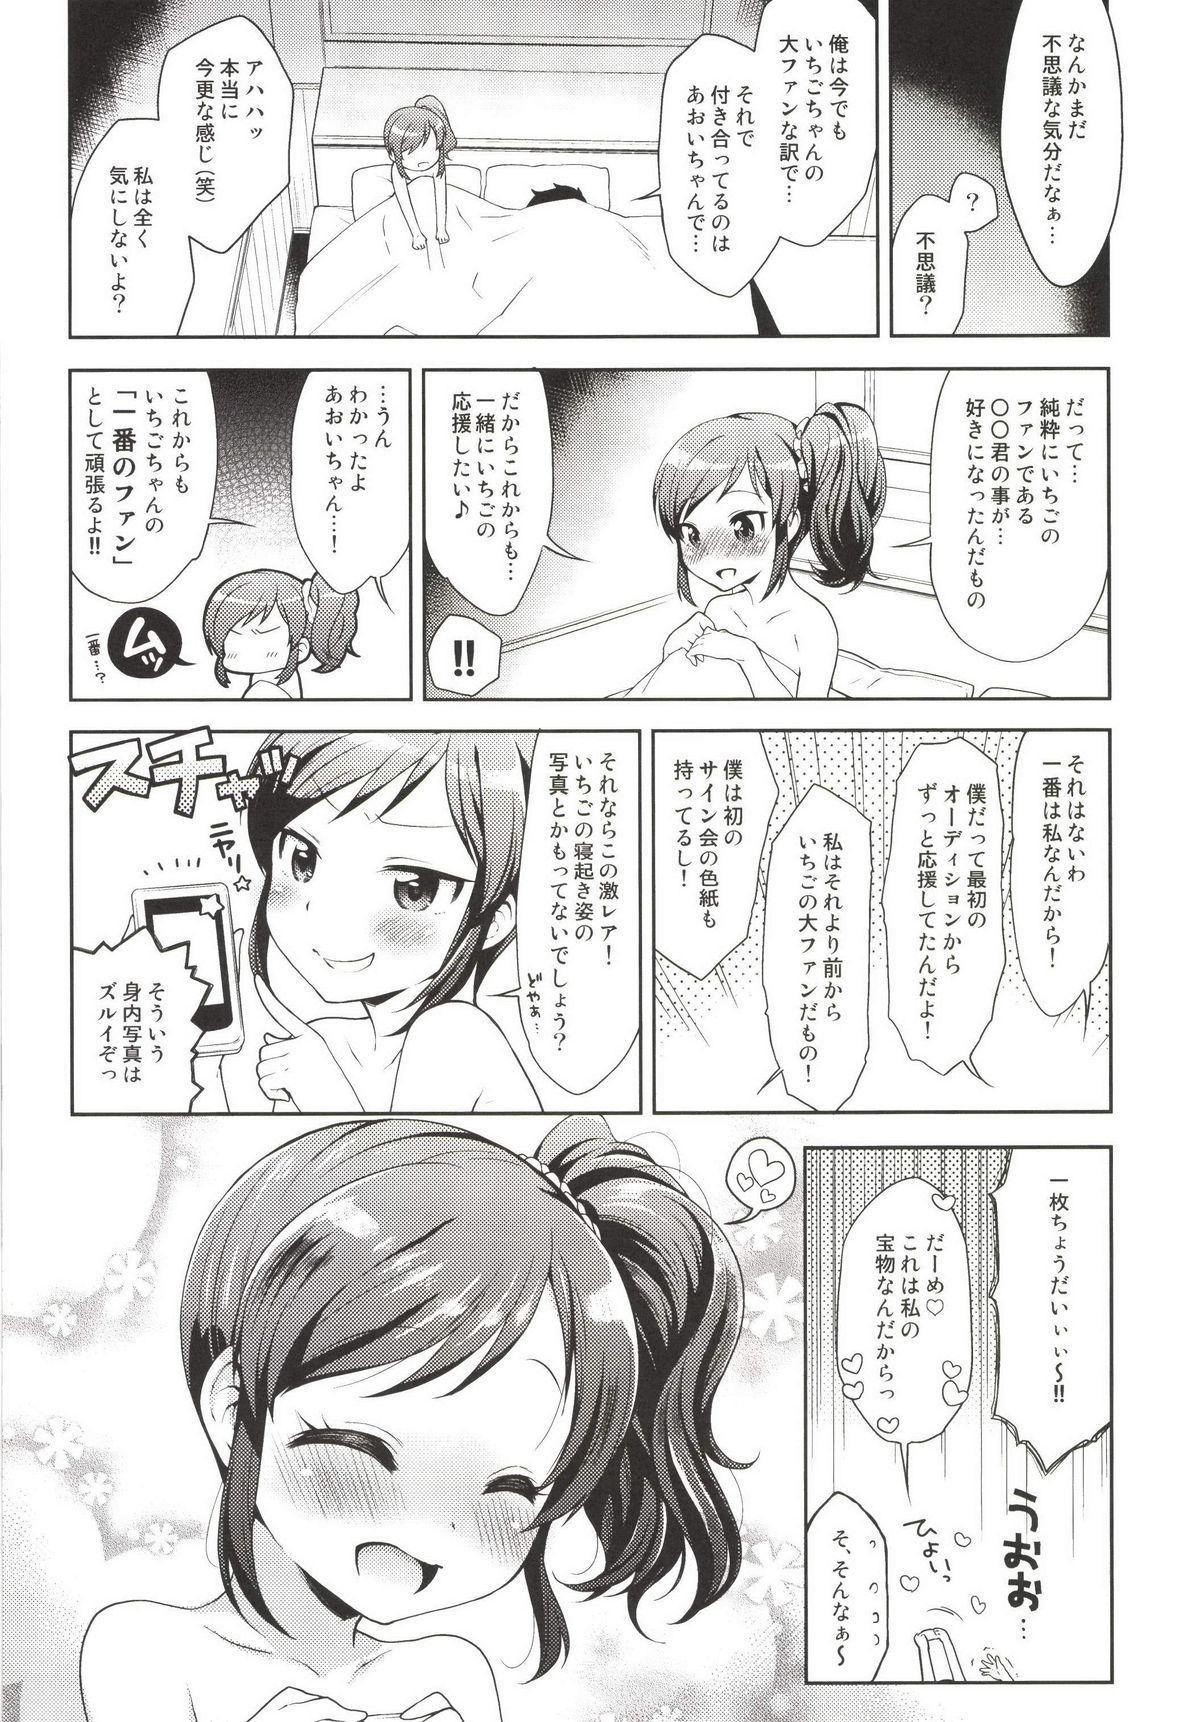 Aoi-chan to Love Love 19